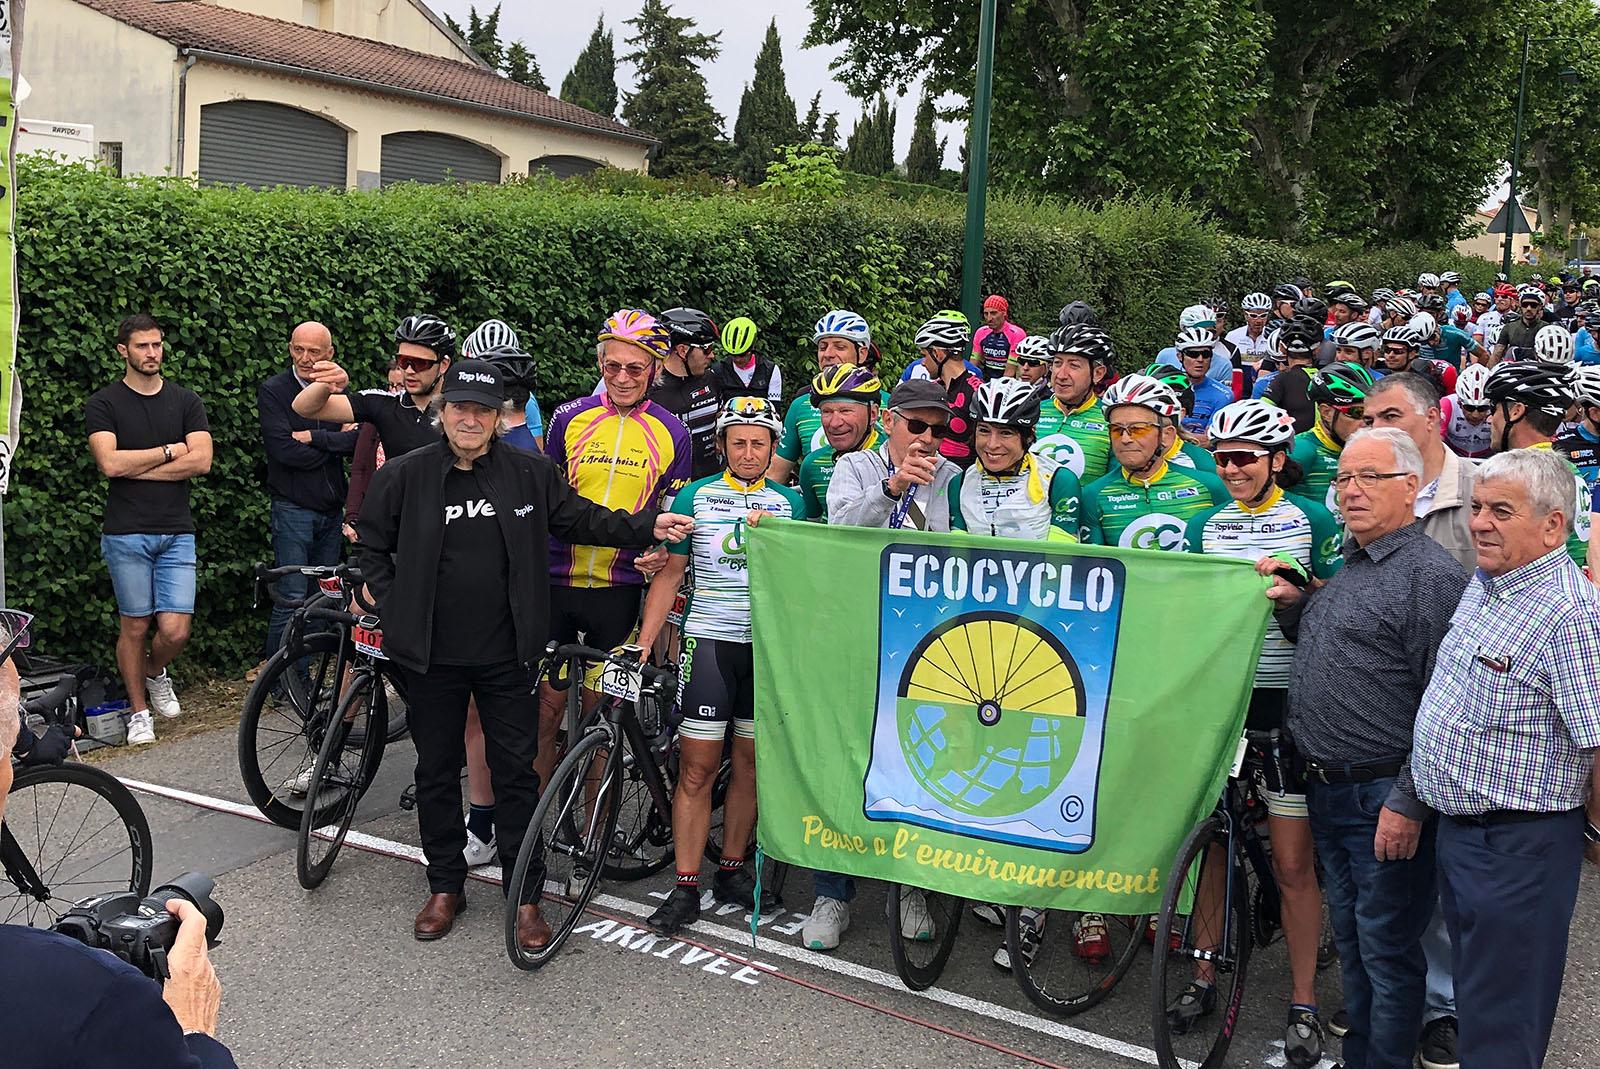 Départ de la Granfondo Luberon Top Vélo Mormoiron, c'était en 2019. L'édition 2020 et l'édition 2021 sont annulées...